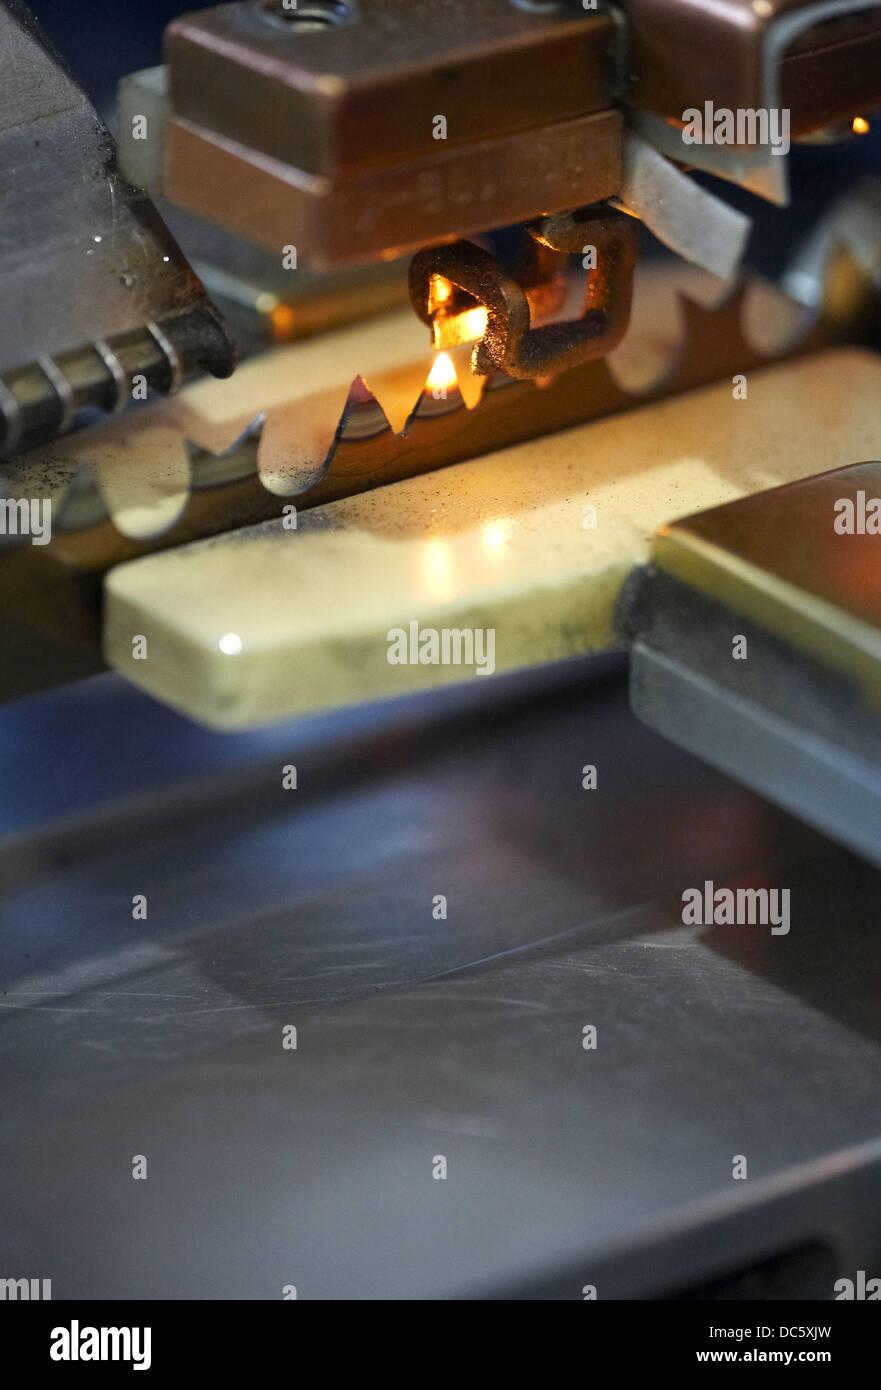 Traitement thermique par induction, scies, fabrication d'outils à main, de la métallurgie Photo Stock